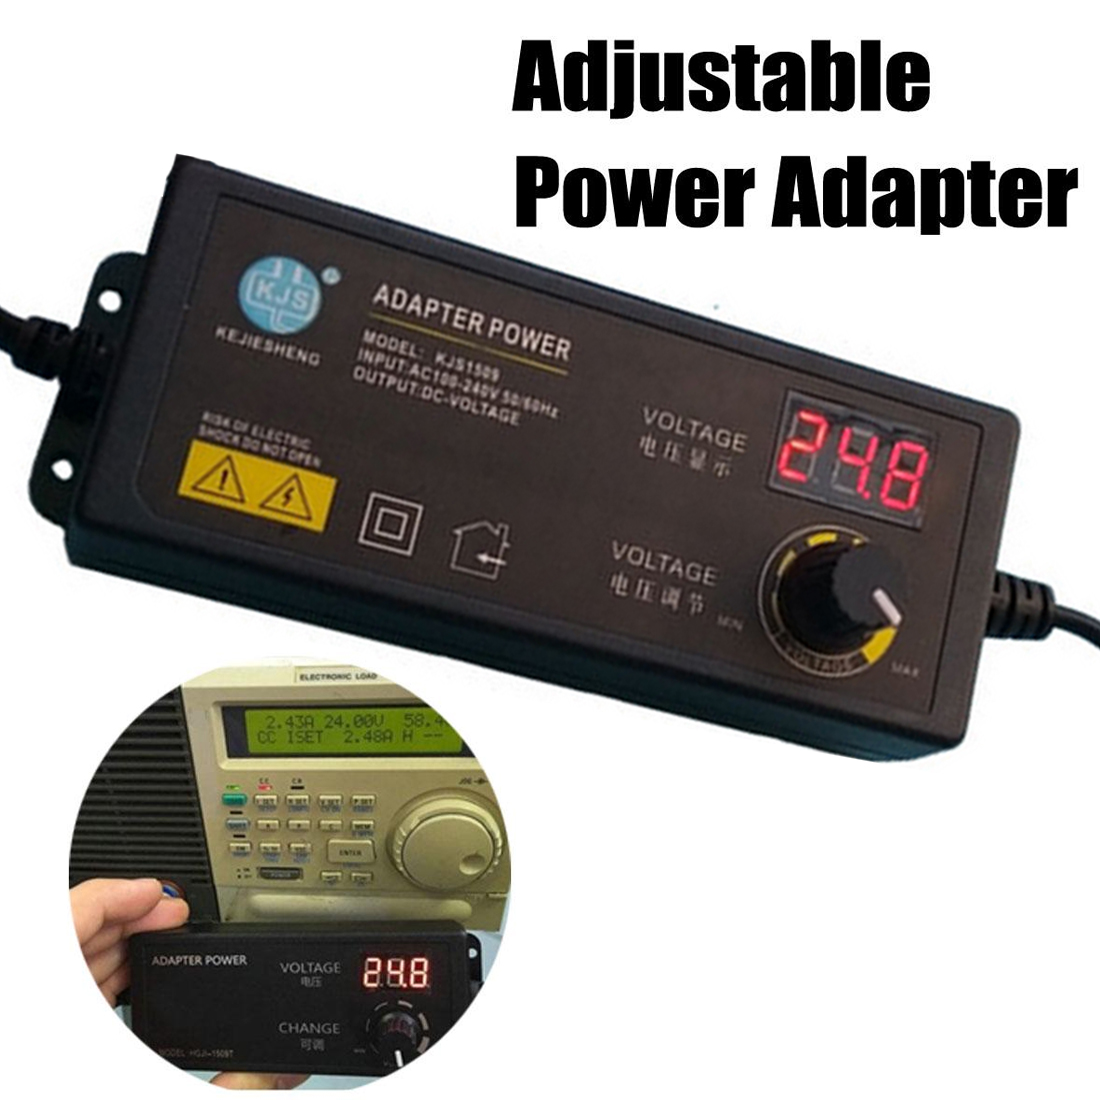 Регулируемый универсальный адаптер питания переменного тока 100-240 В в постоянный ток 3-24 В с дисплеем, Регулируемый адаптер питания, вилка стандарта США/ЕС